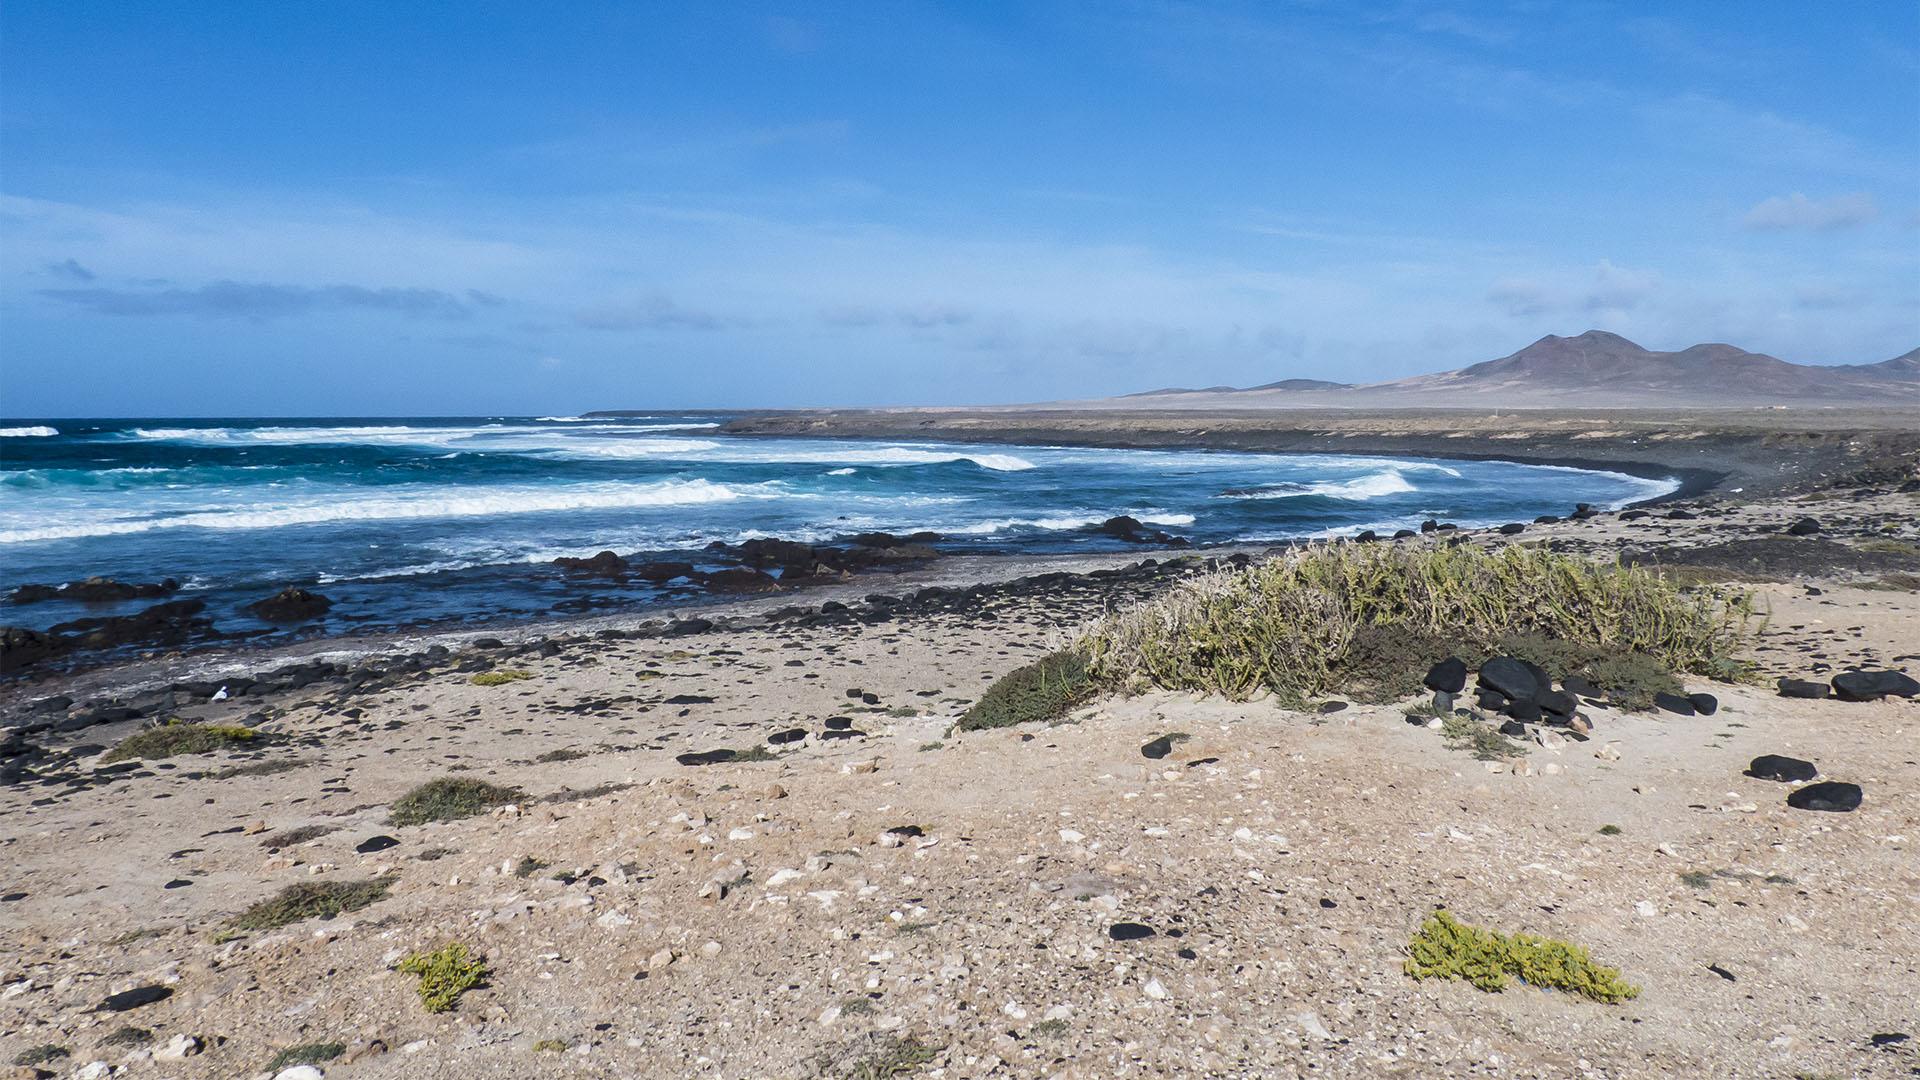 Die Strände Fuerteventuras: Playa de la Turbia.